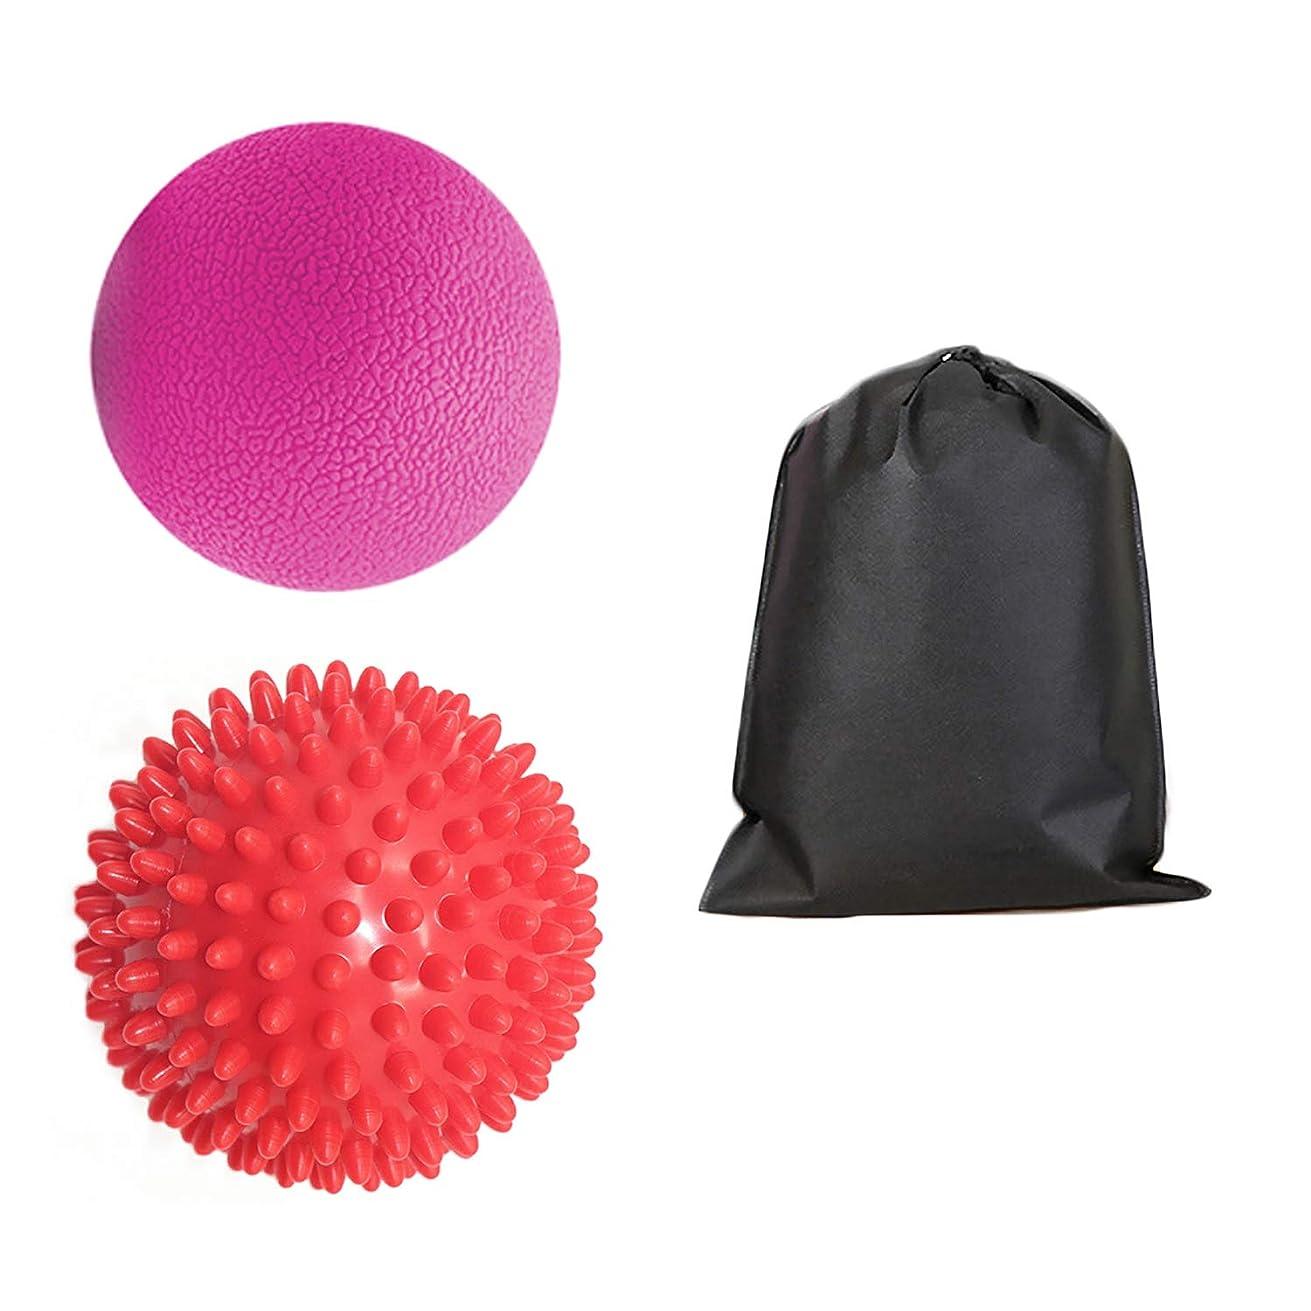 モンスターギャンブル定期的Migavan 1個マッサージボールマッサージボールローラーマッサージボール+ 1袋スパイクマッサージローラーボールマッサージと収納バッグ